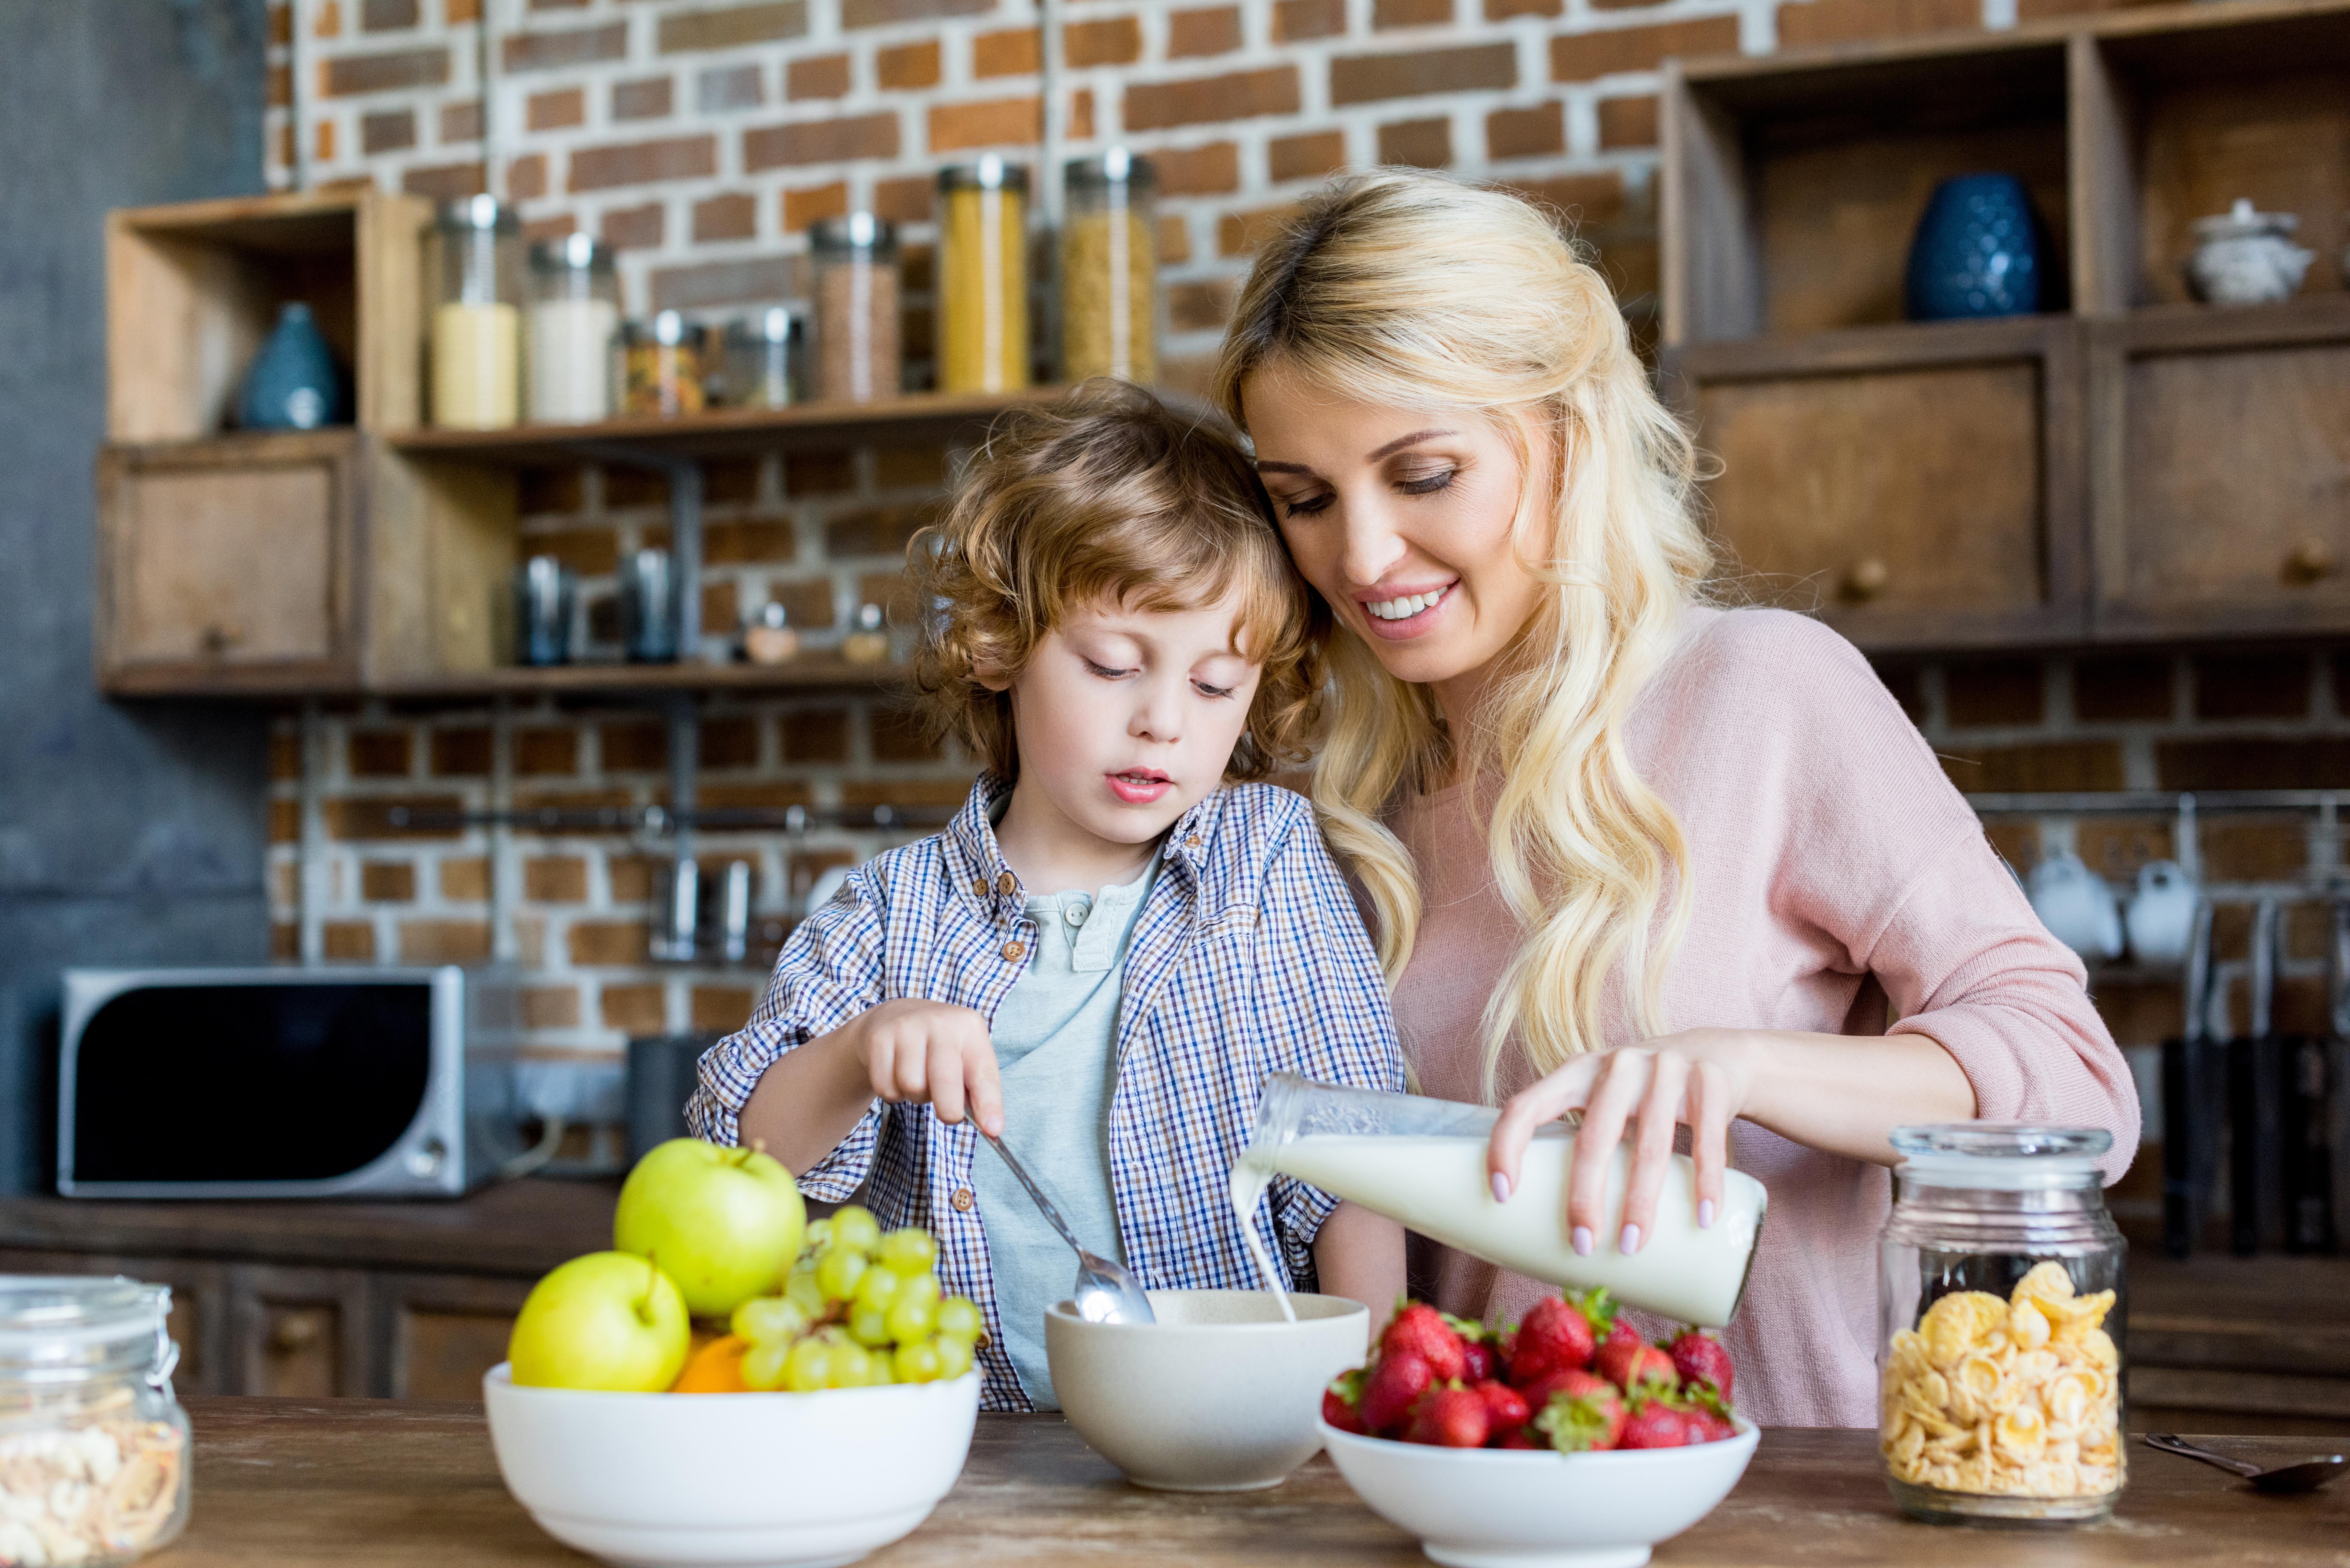 Gluten free 2 week diet plan photo 3